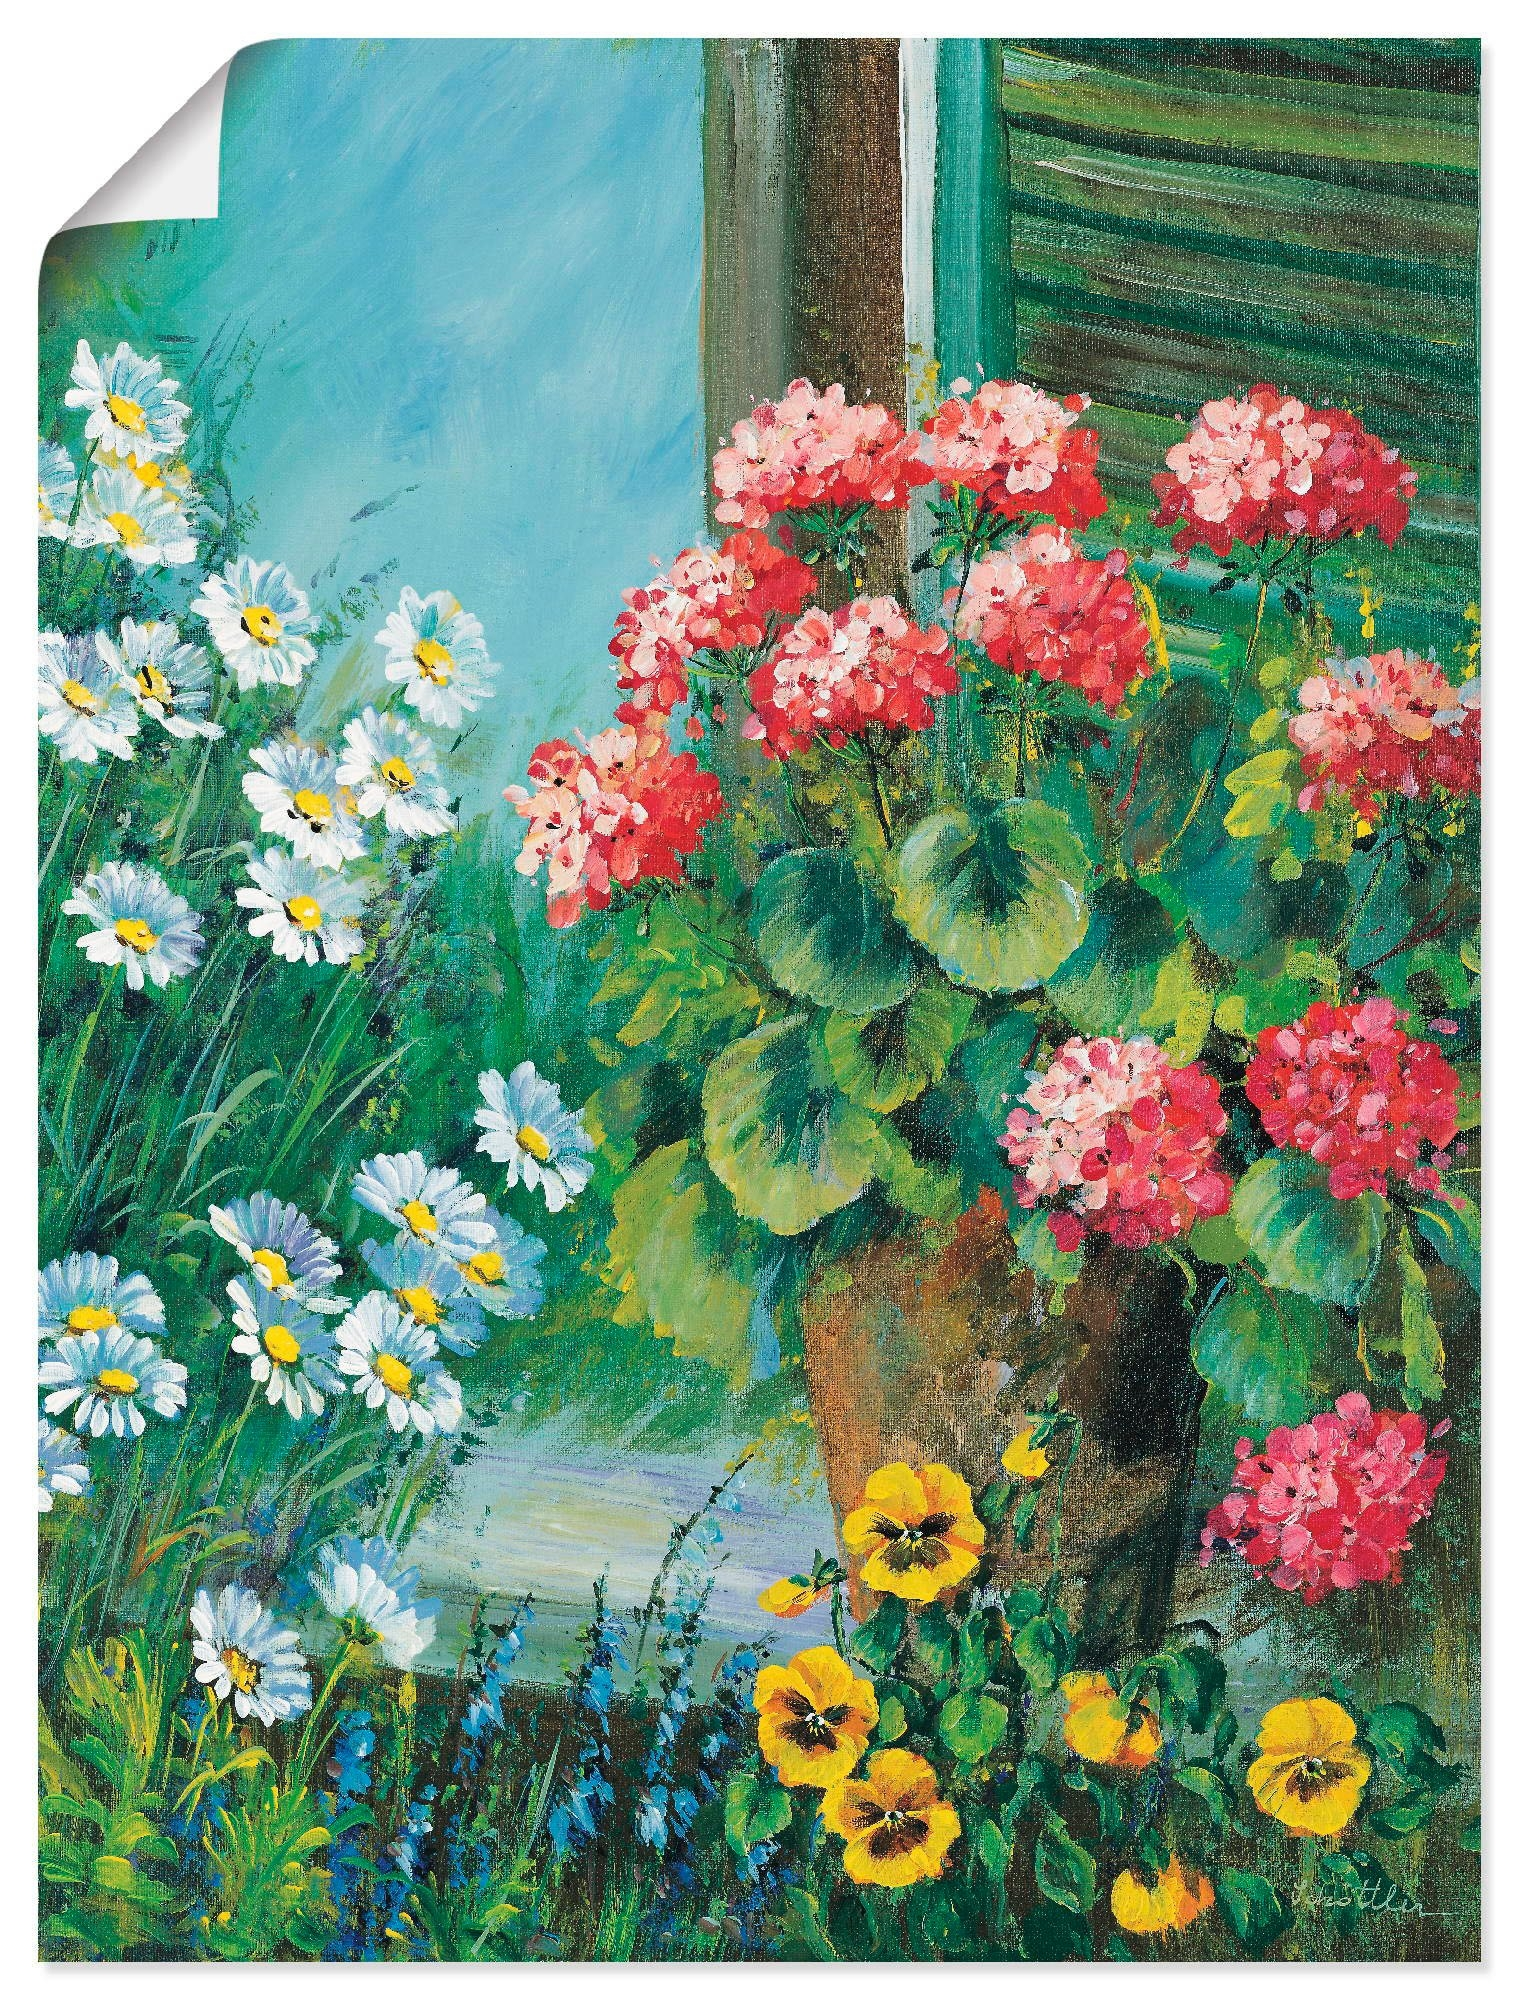 Artland artprint Bloemen bij jouw raam in vele afmetingen & productsoorten -artprint op linnen, poster, muursticker / wandfolie ook geschikt voor de badkamer (1 stuk) nu online bestellen